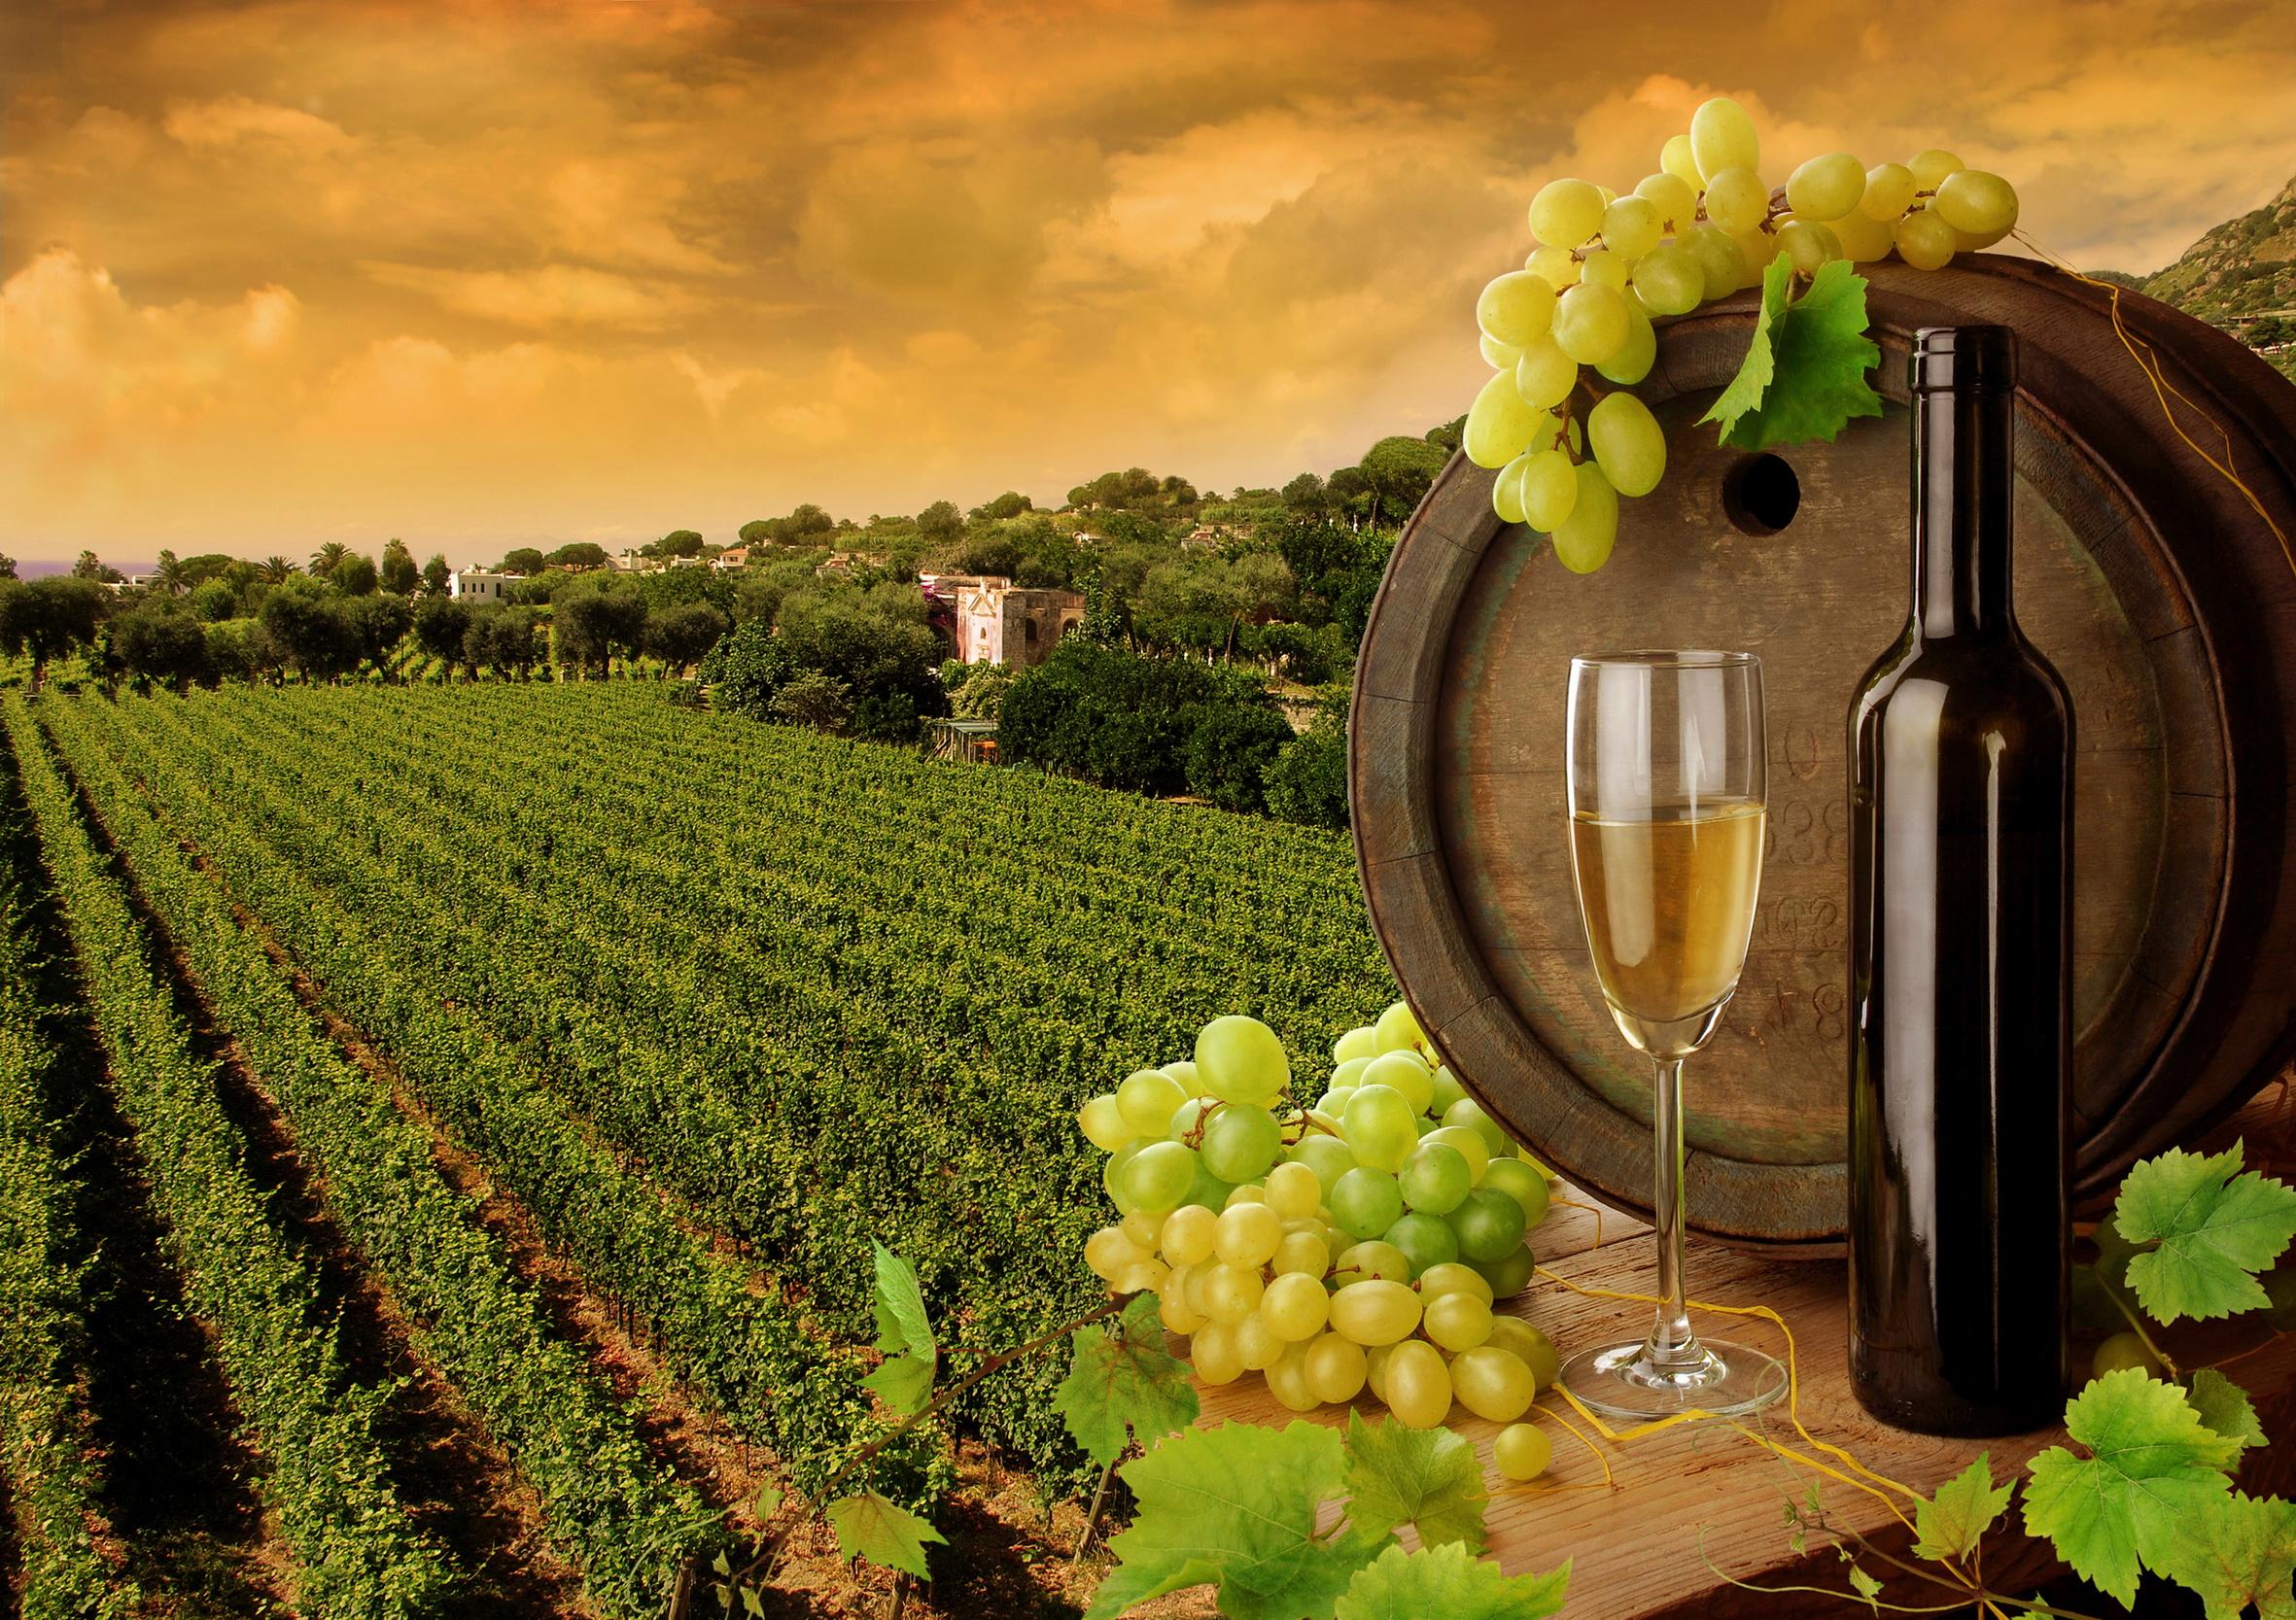 Геннадій Москаль хоче віддати в приватизацію збанкрутілі виноробні підприємства Закарпаття